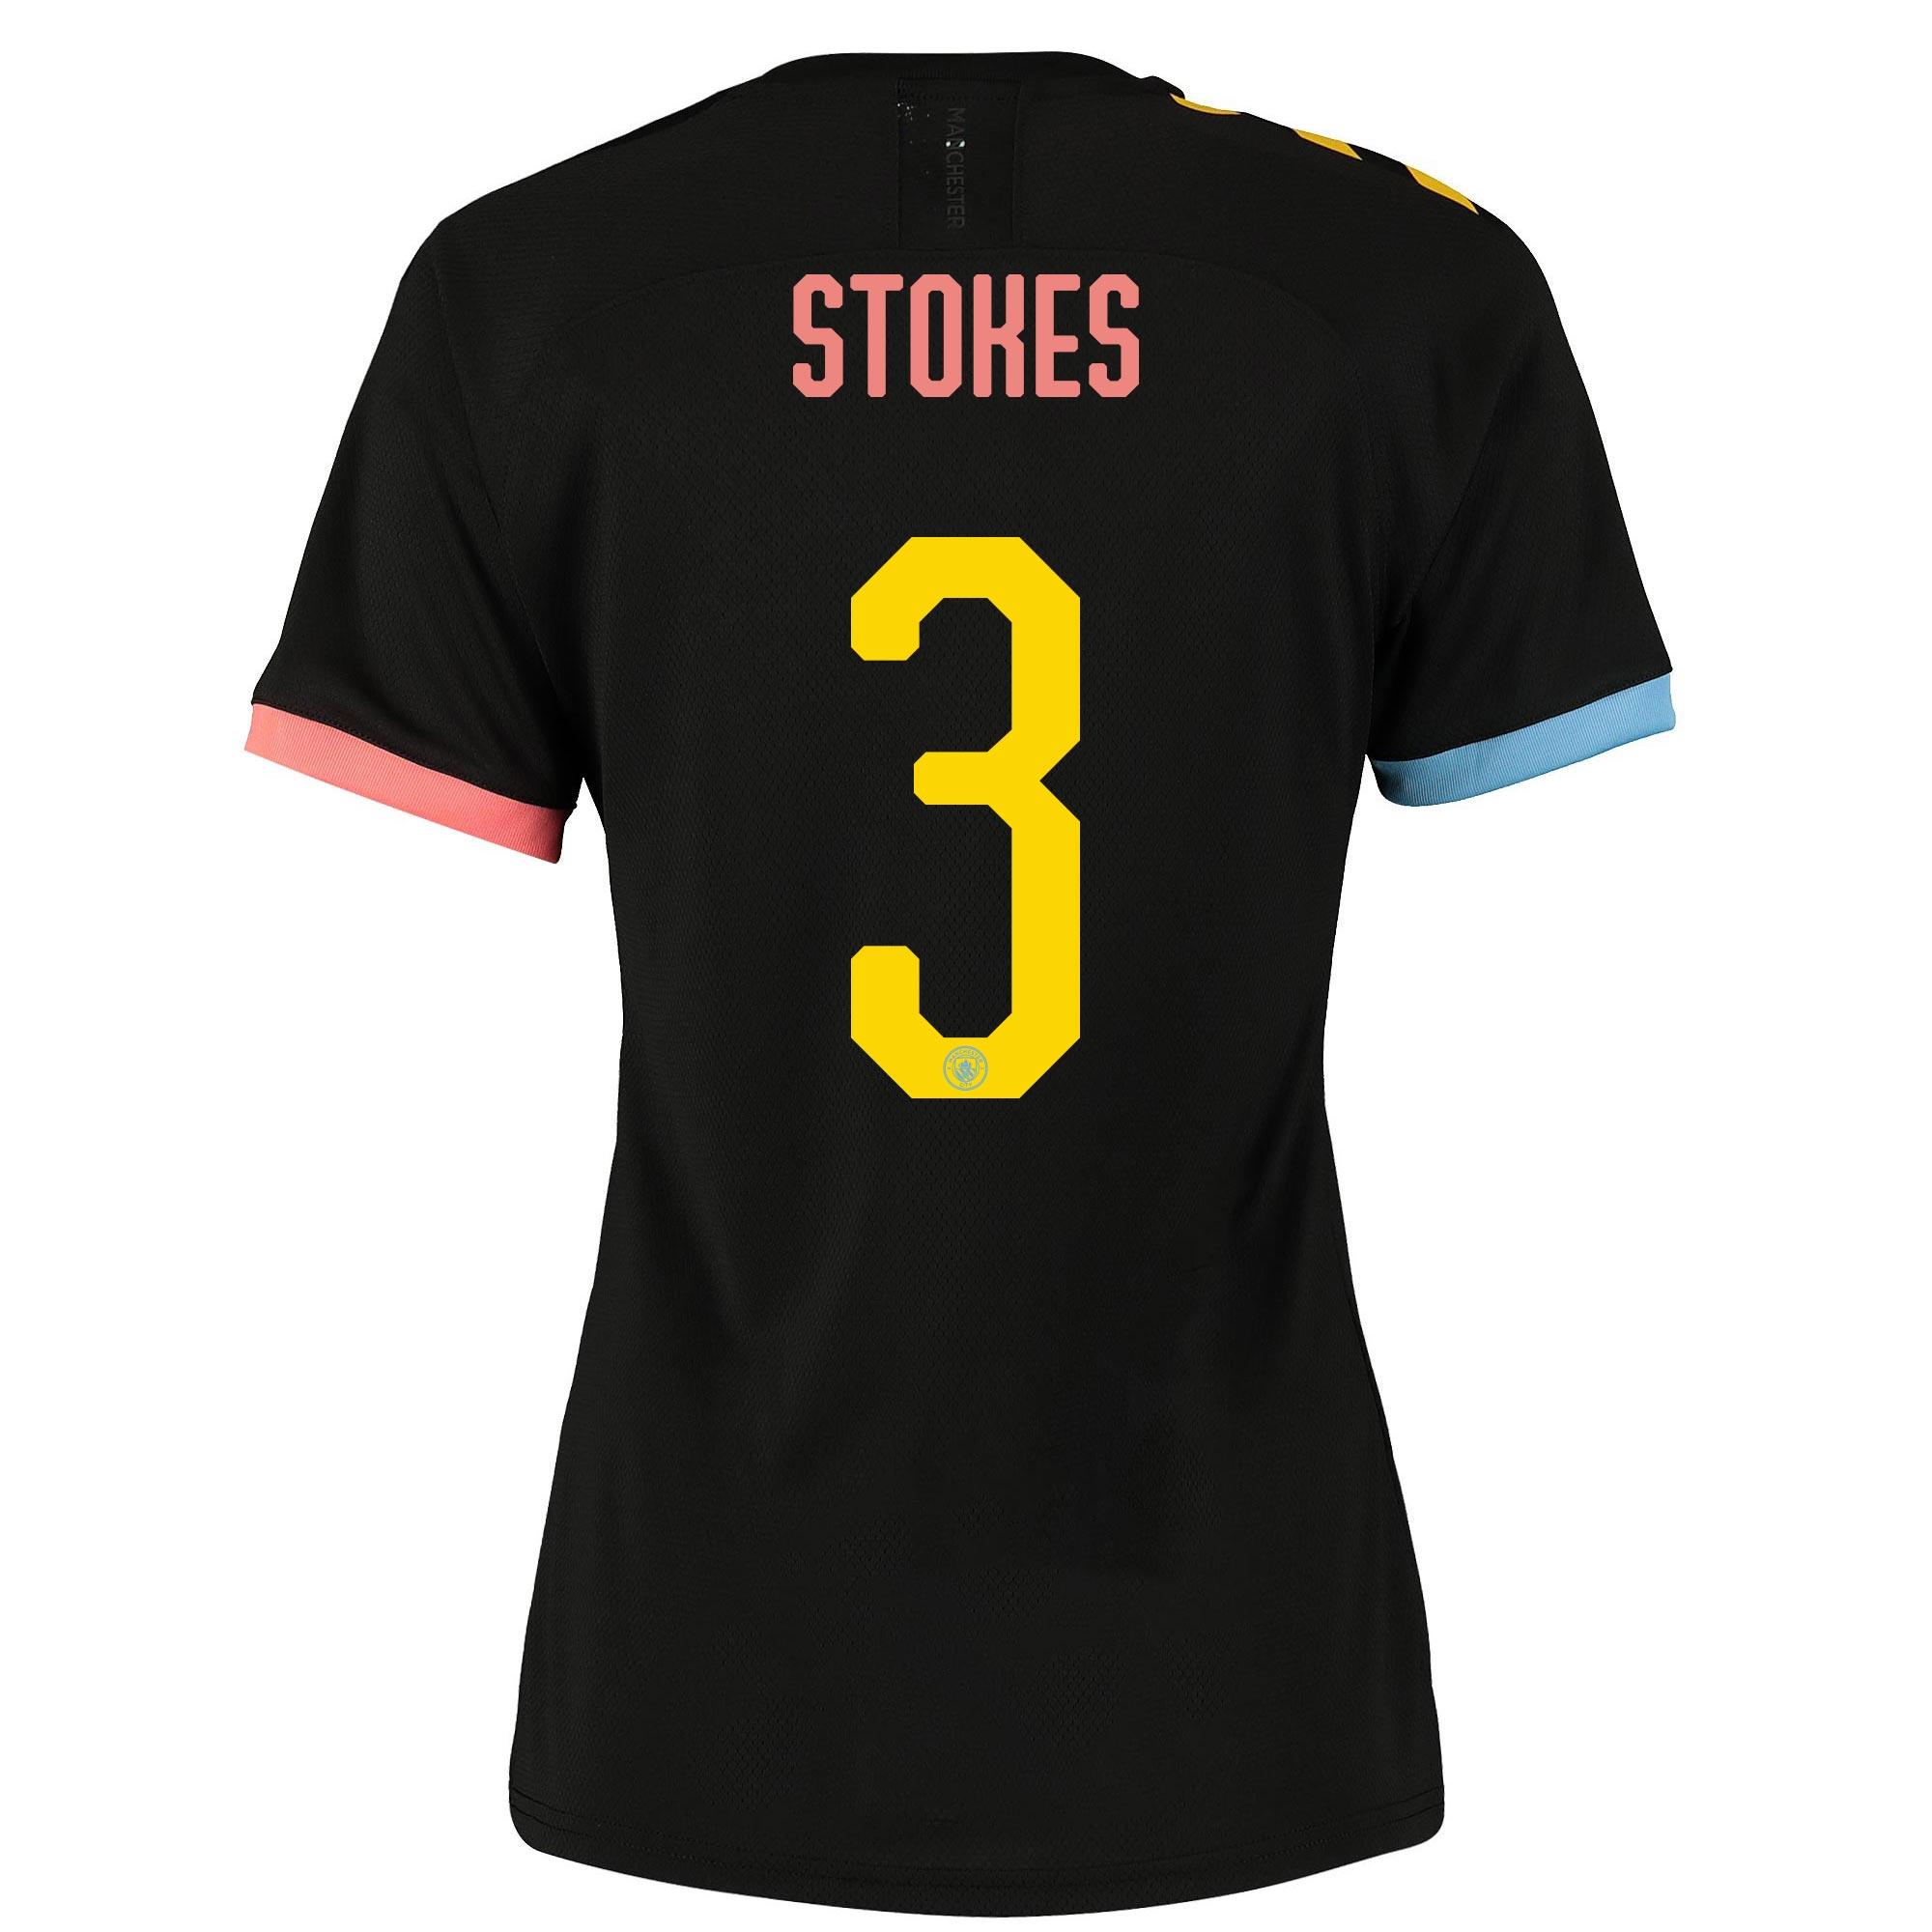 Camiseta Authentic de la 2.ª equipación del Manchester City Cup 2019-20 para mujer dorsal Stokes 3